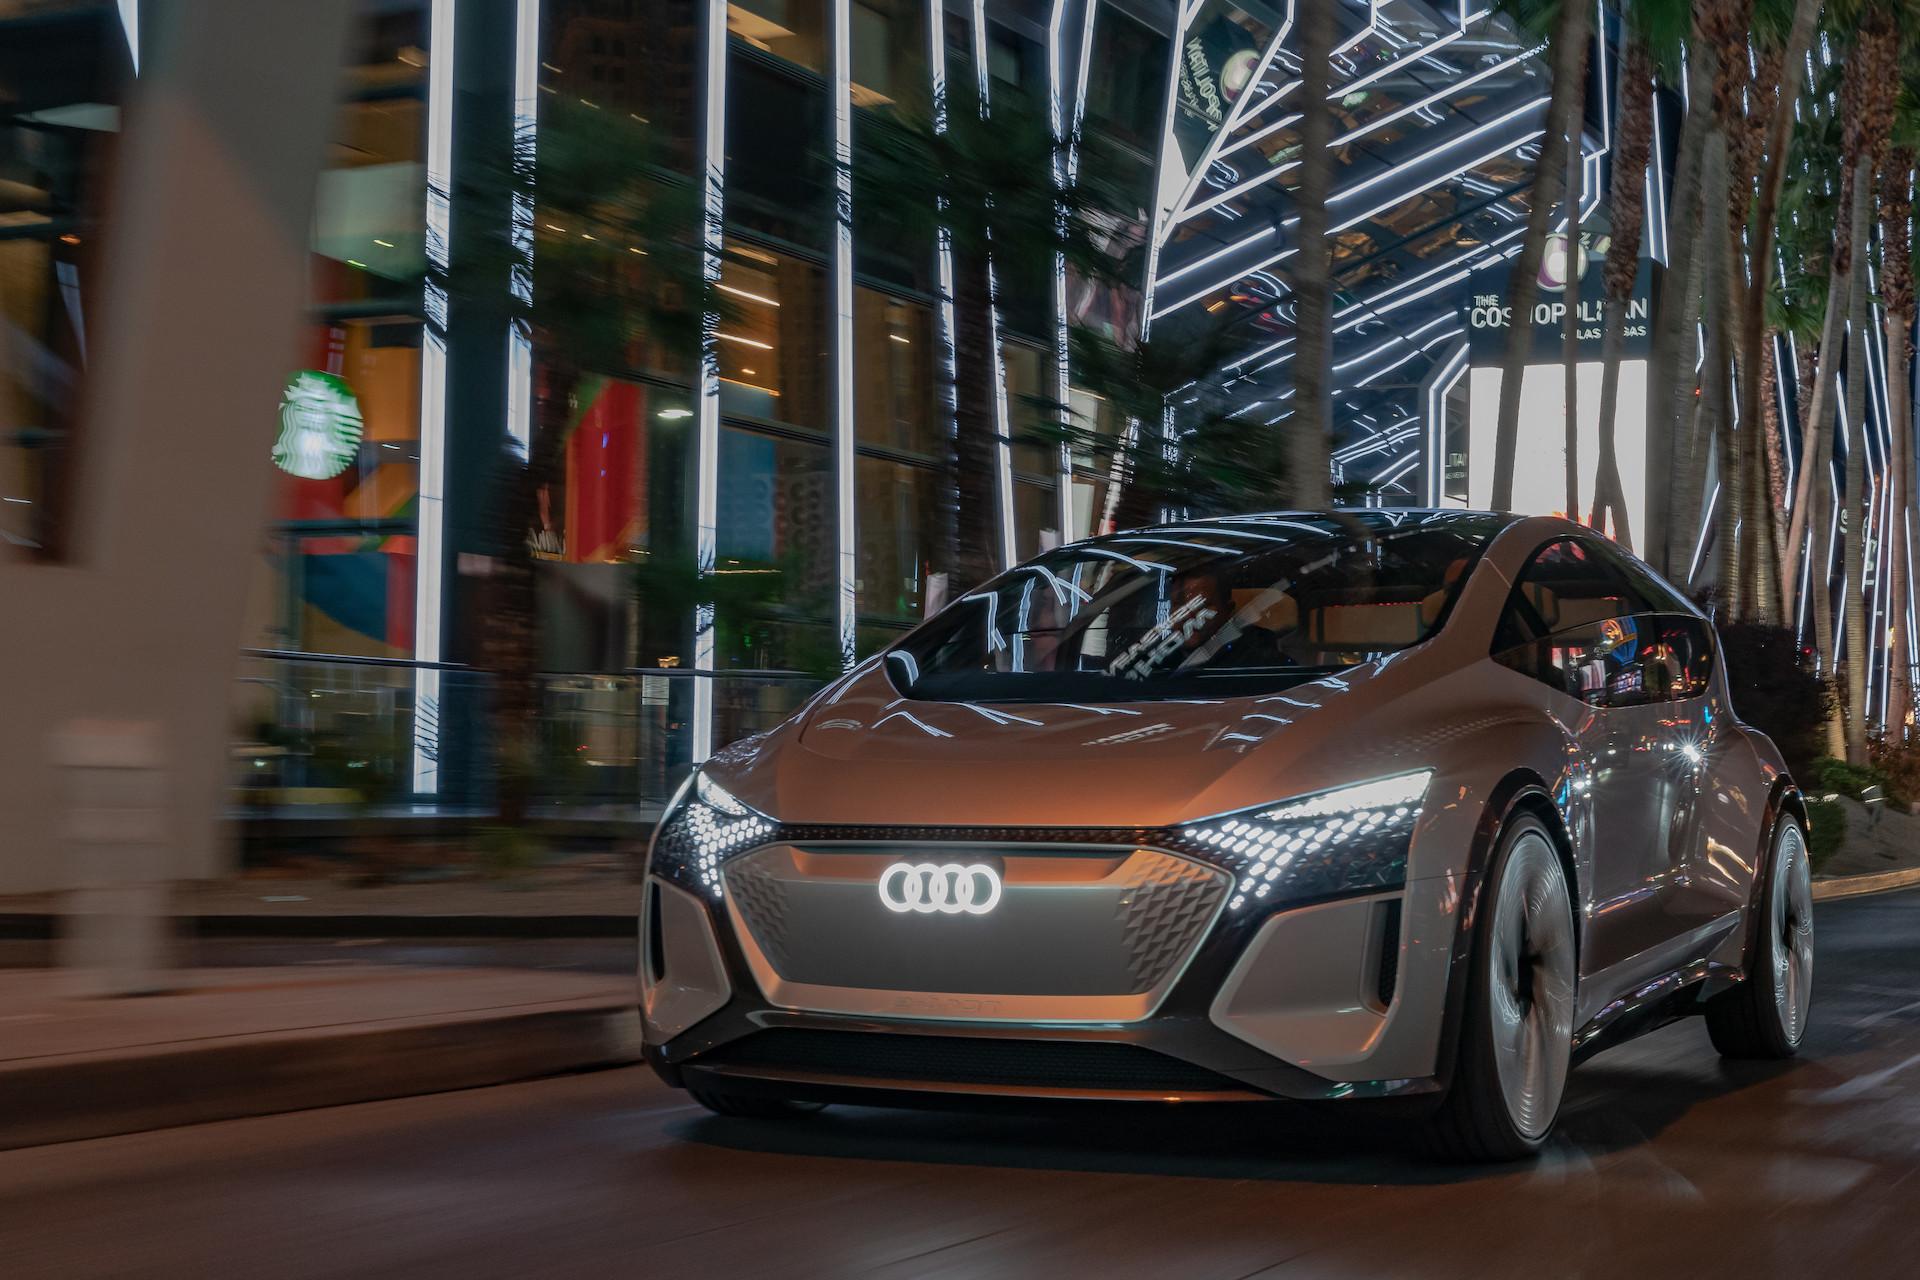 Audi auf der CES 2020: Die Neuheiten und Zukunftskonzepte in Las Vegas 4